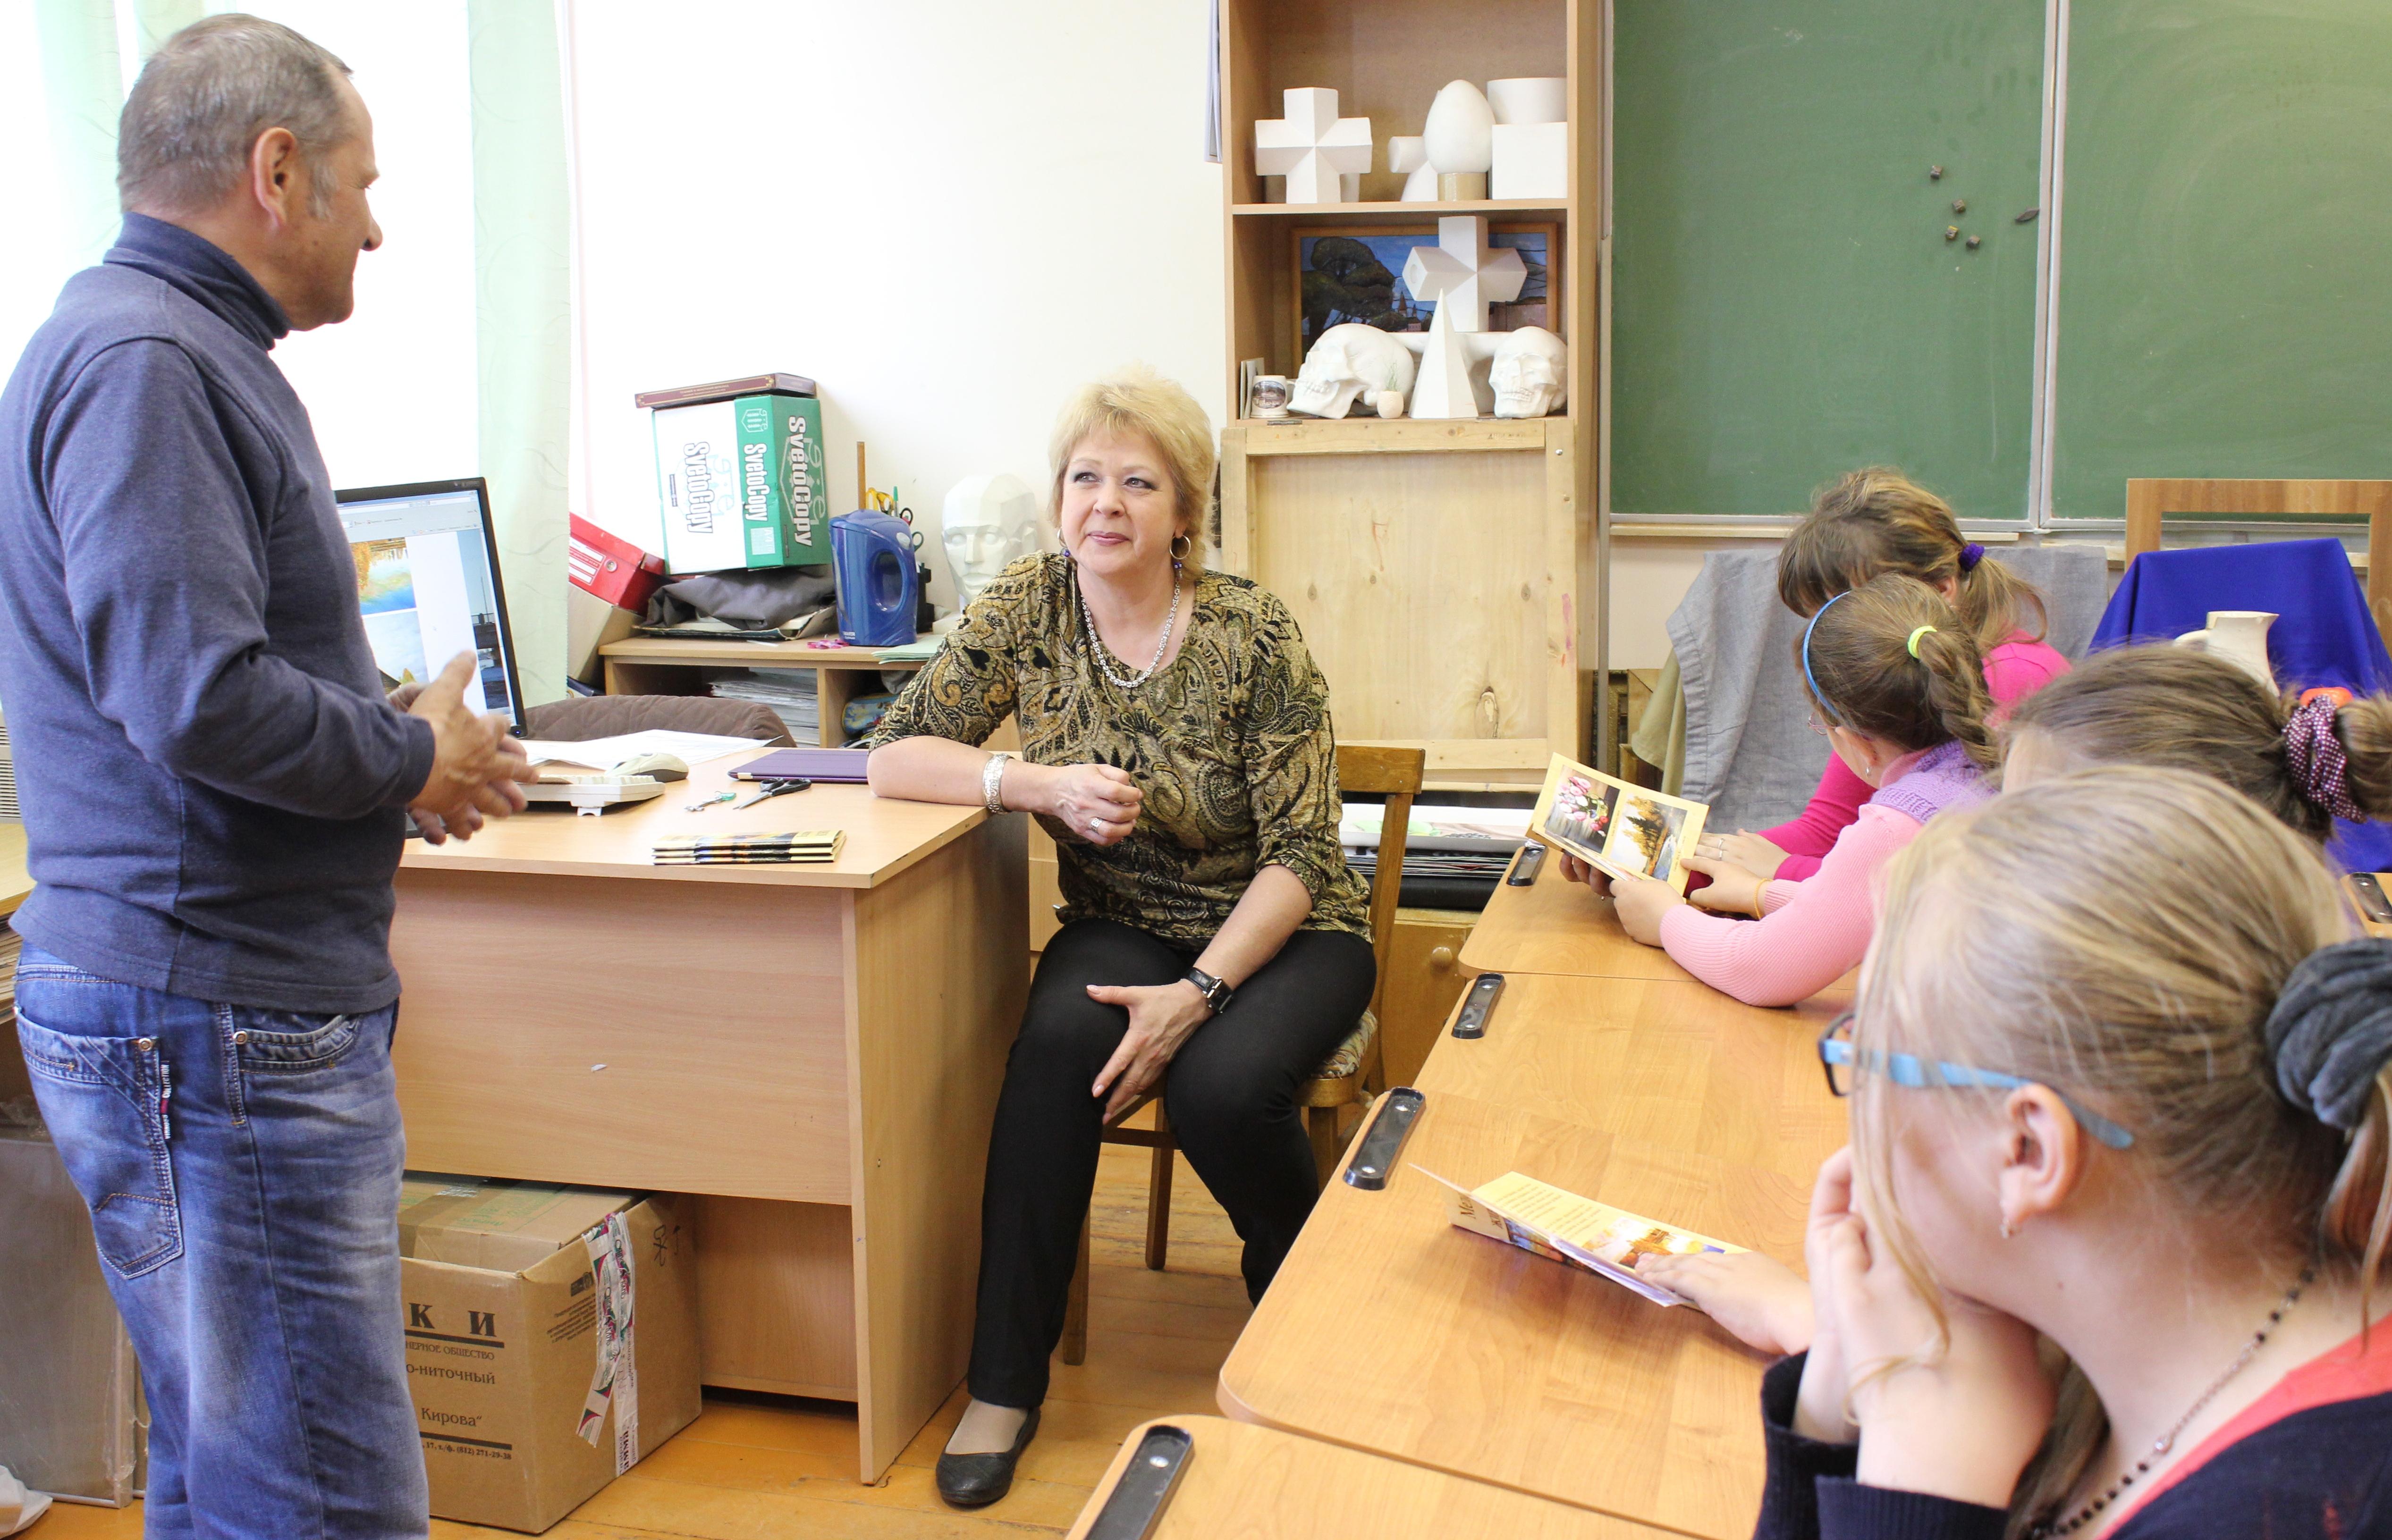 Творческая встреча В. Кобоева с учащимися Петроз. детской школы искусств. 28 мая 2014 г. Фото М. Июдиной (11)